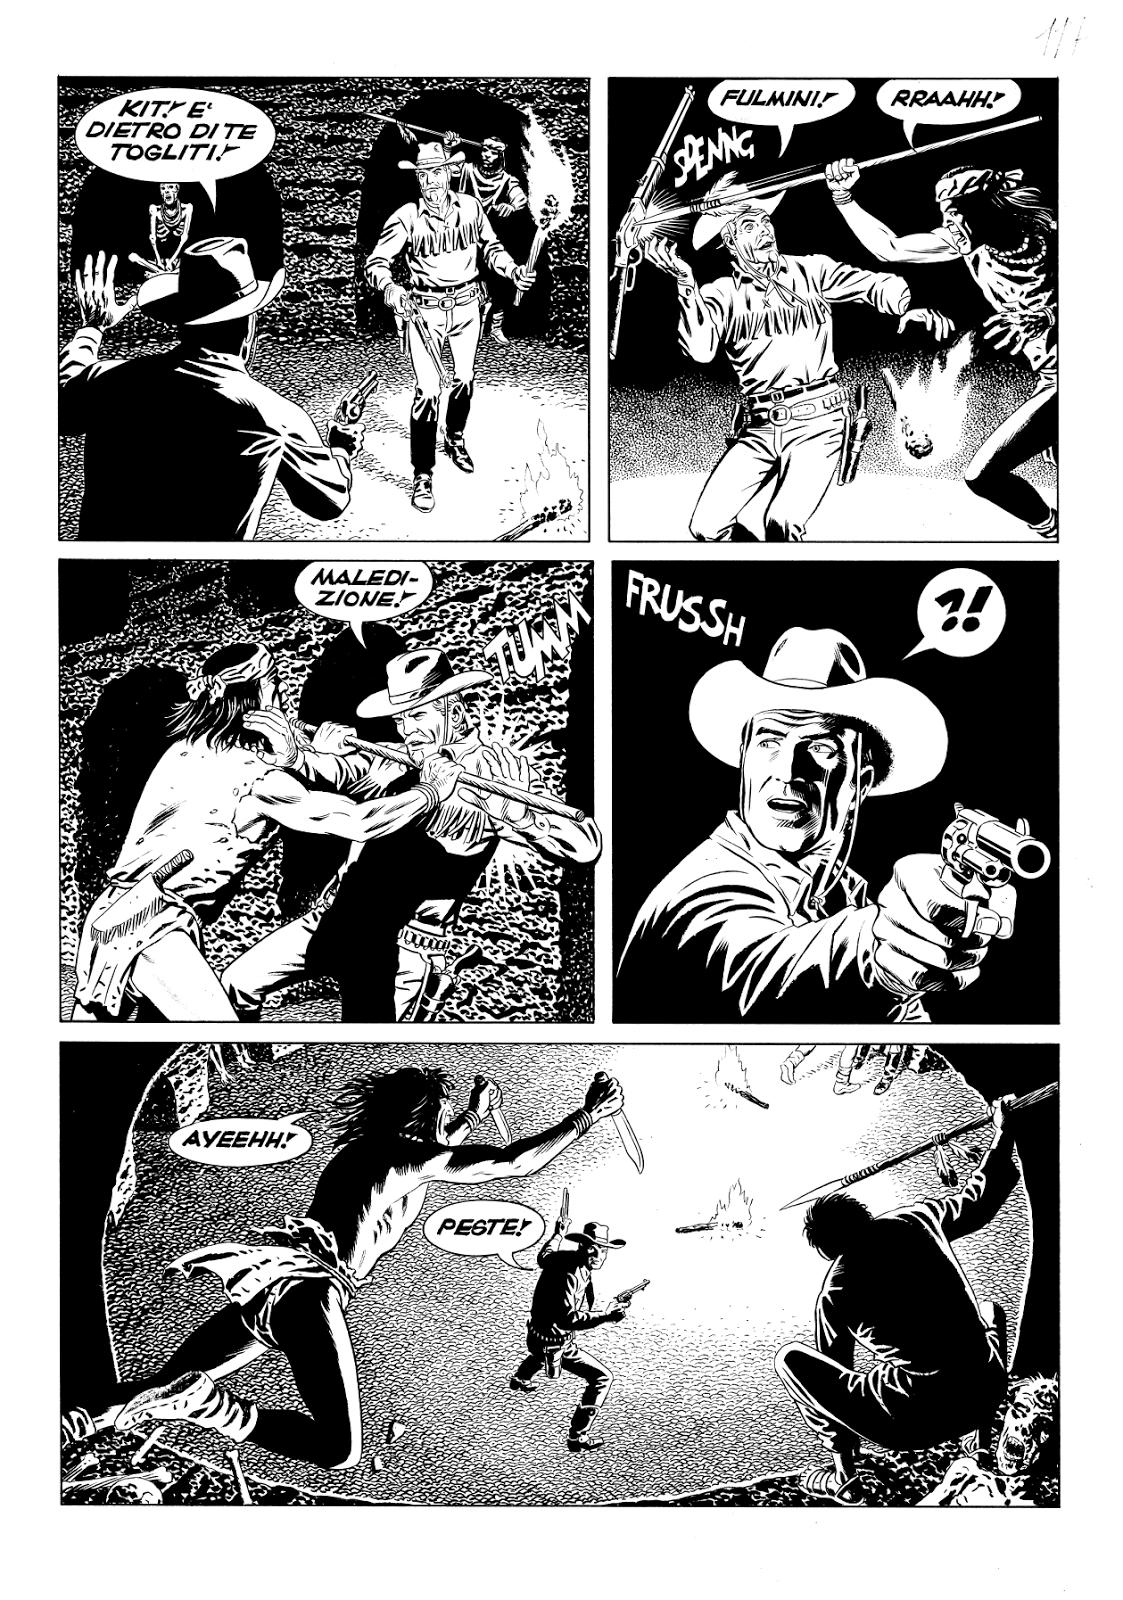 A Lenda Do Cavaleiro Sem Cabeça Filme Completo Ideal por um punhado de imagens: tex e a lenda do cavaleiro sem cabeça